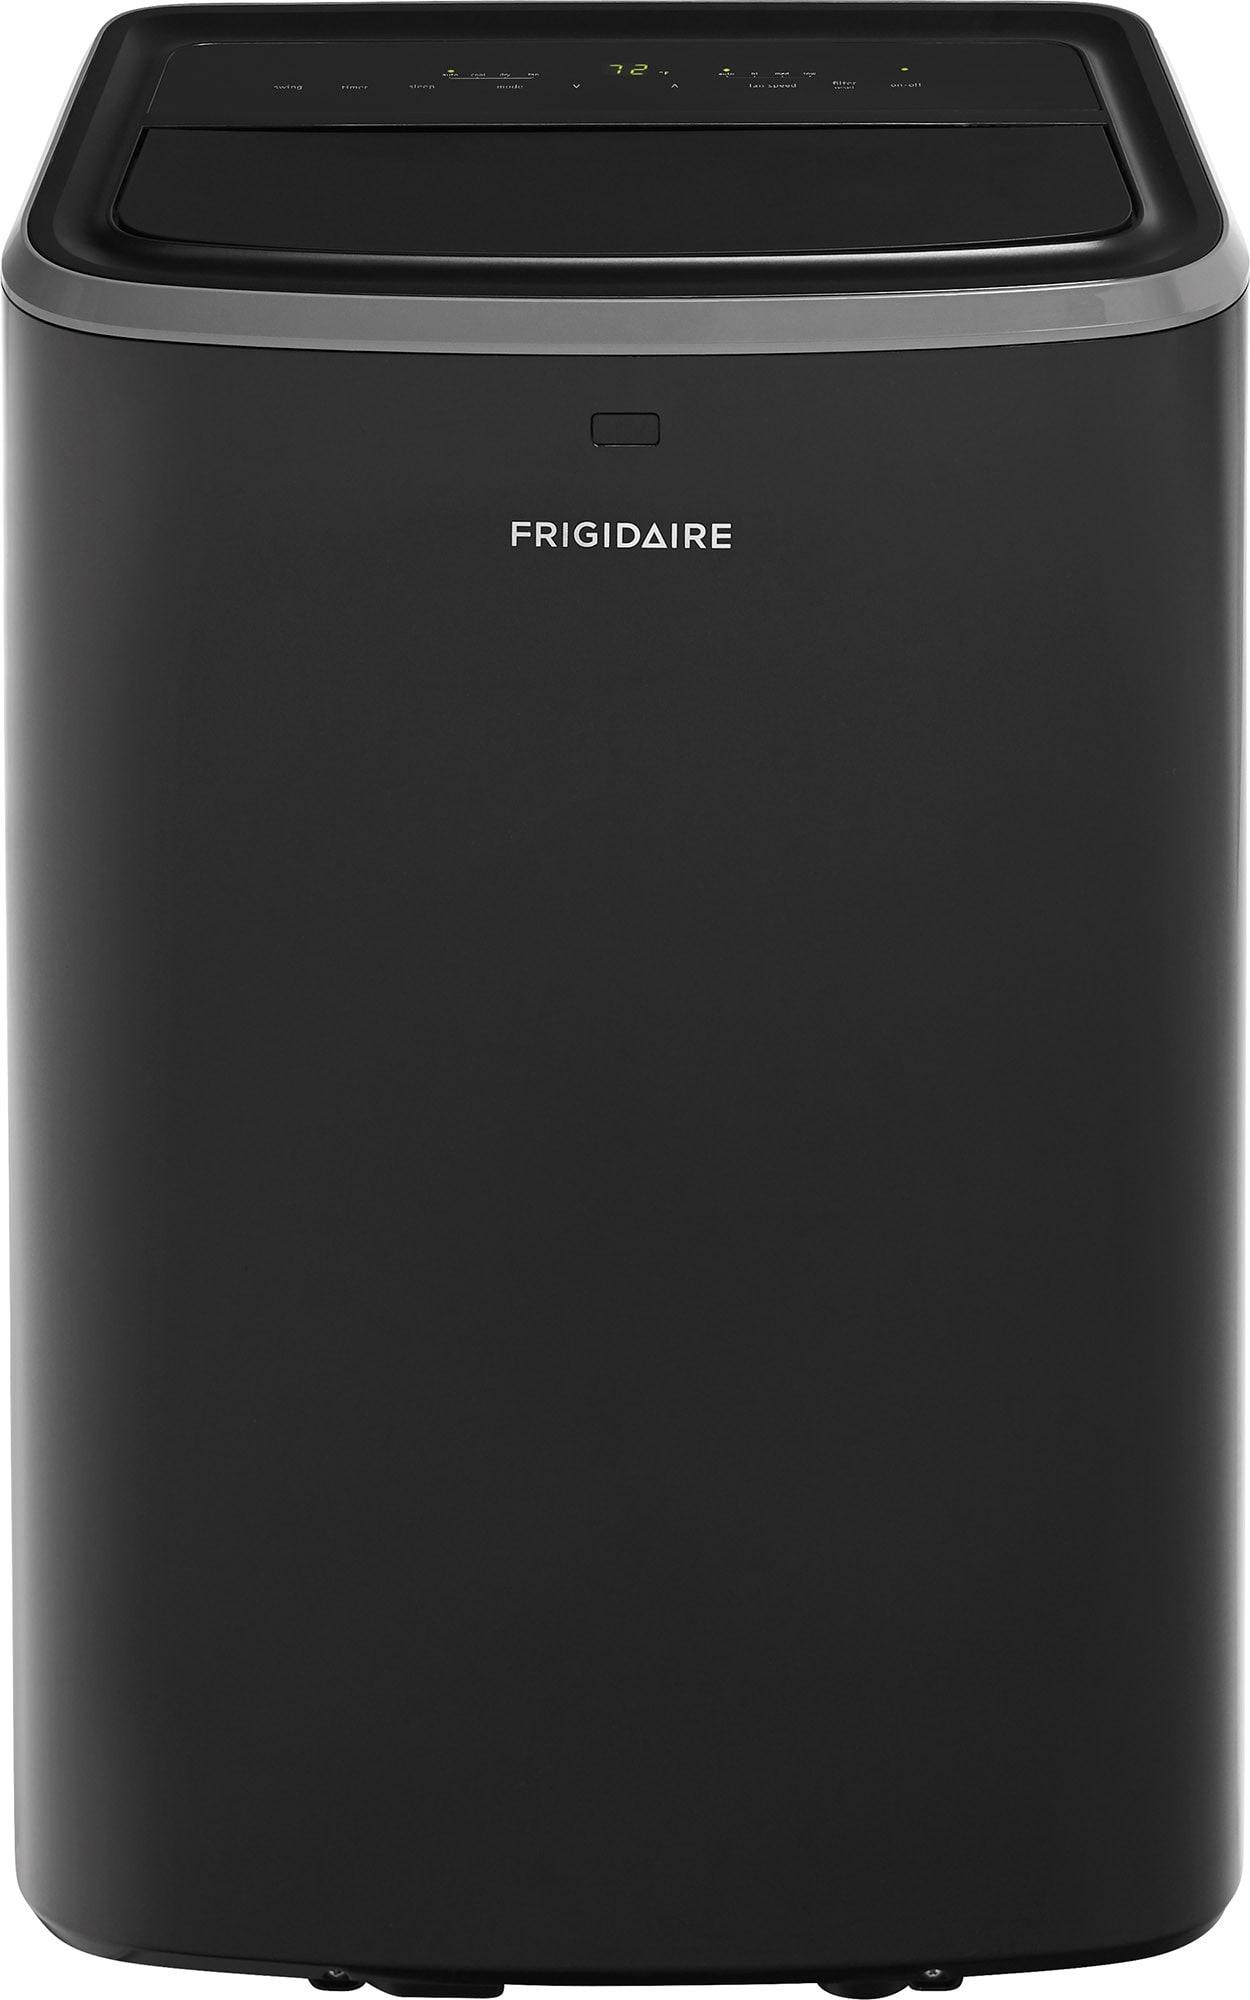 Frigidaire Ffpa1422u1 14 000 Btu Portable Air Conditioner